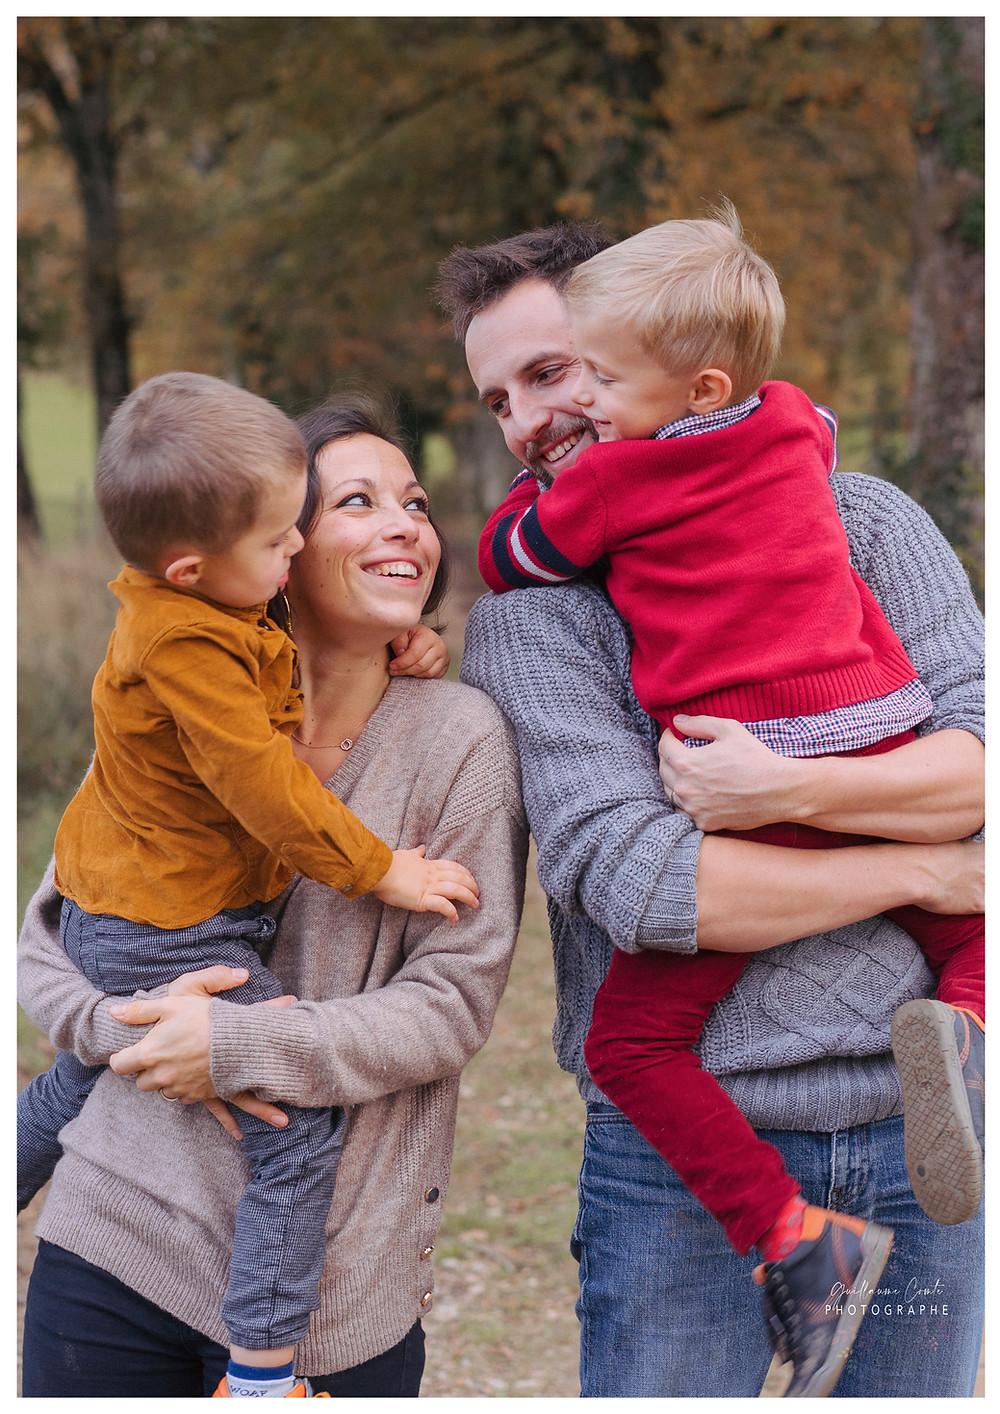 Guillaume Comte Photographe Famille Limoges Limousin Automne Lifestyle Domicile